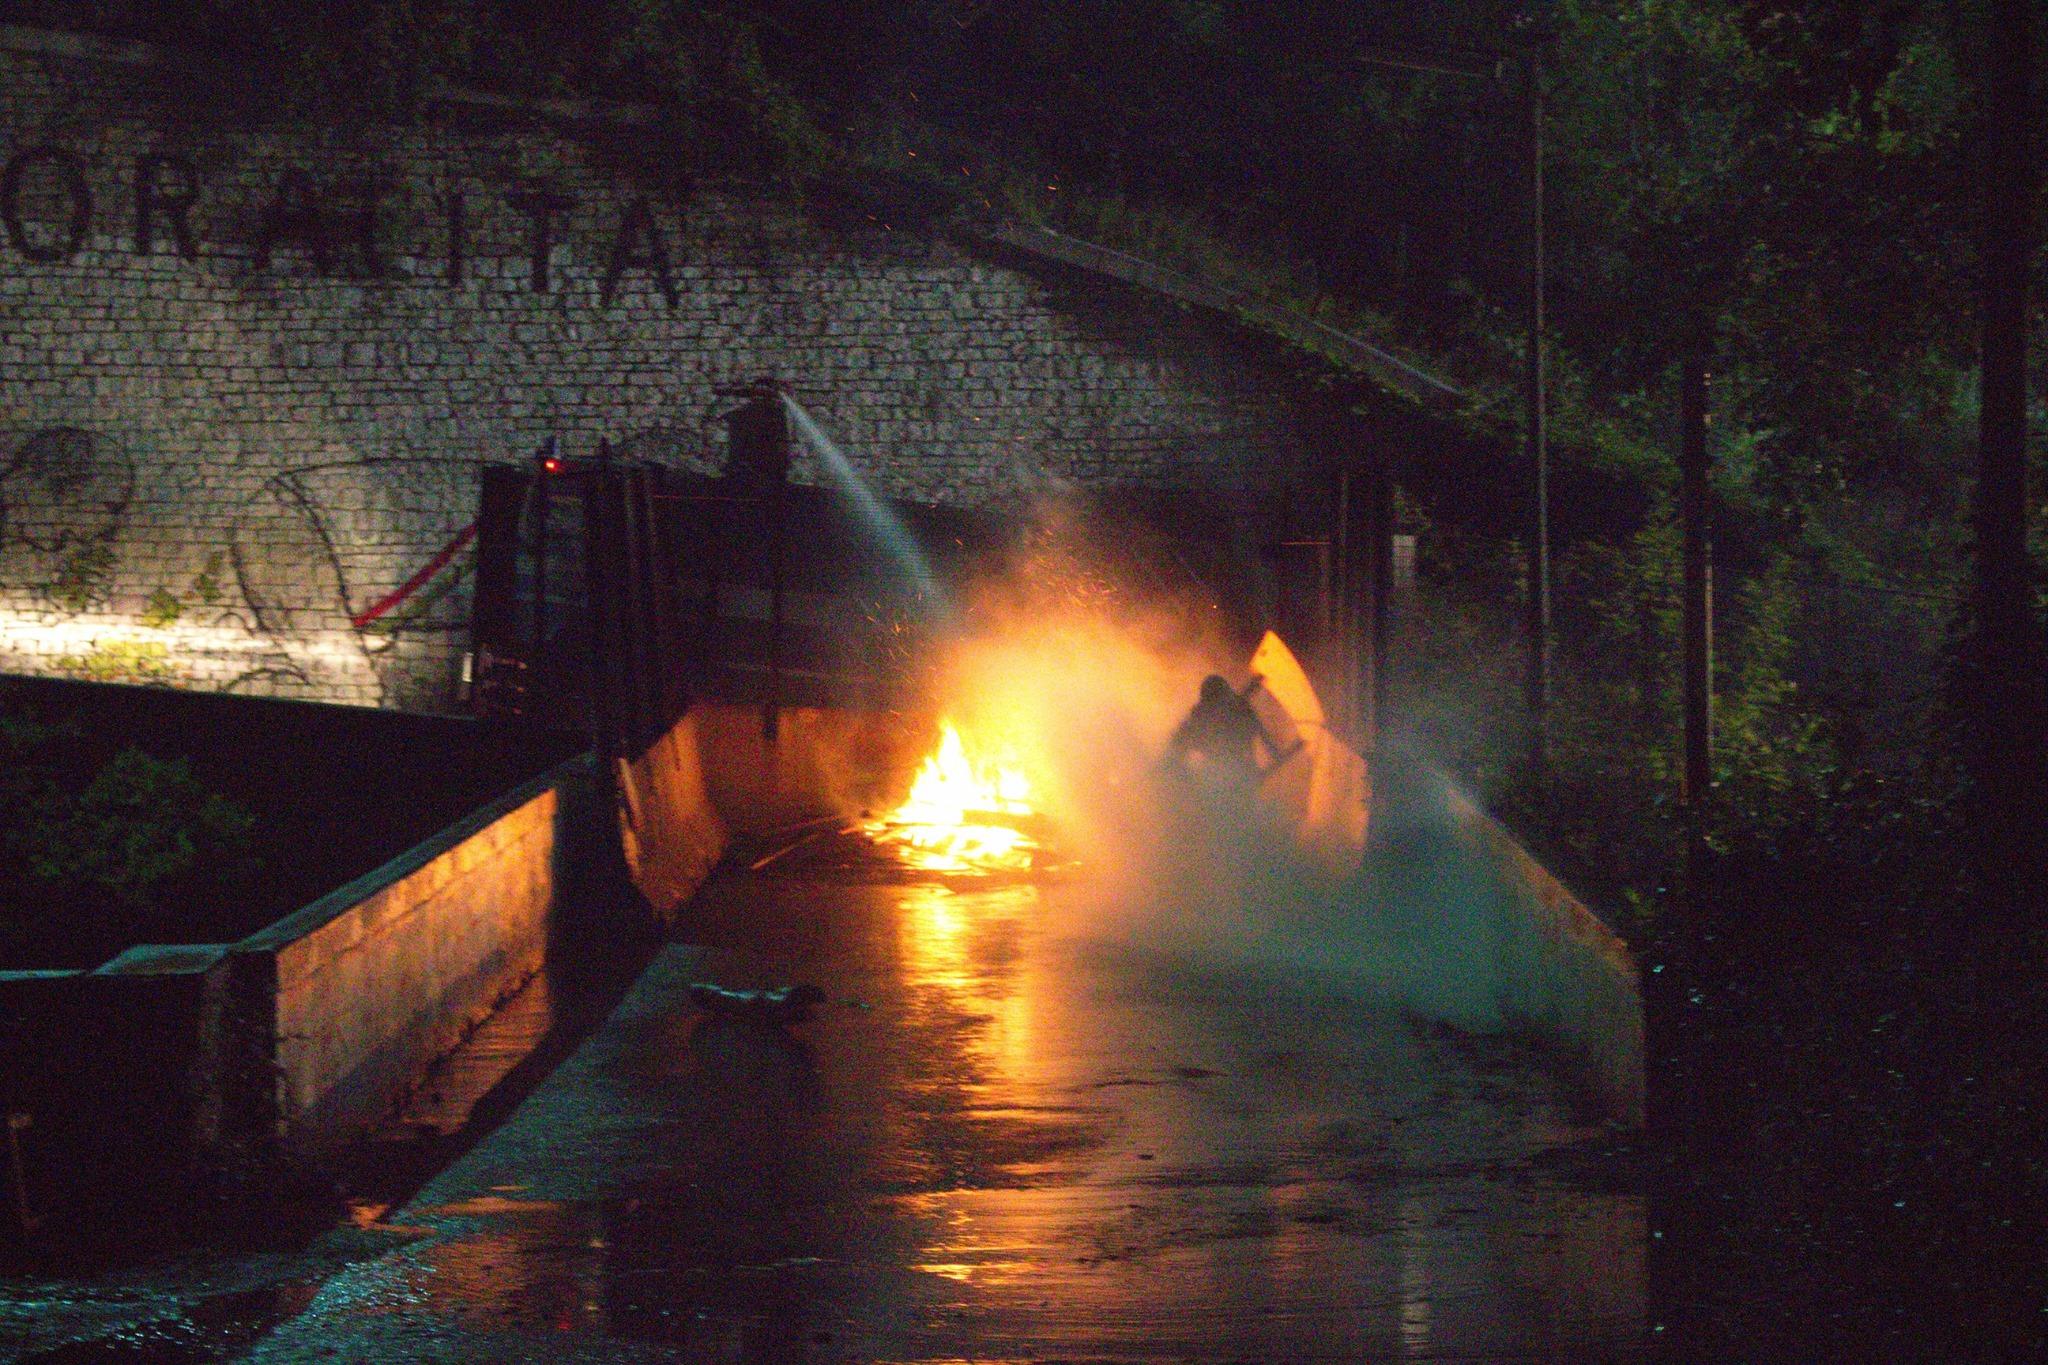 14/08, notte dei fuochi No Tav. Polizia nervosa e idranti a Chiomonte (FOTO e VIDEO)